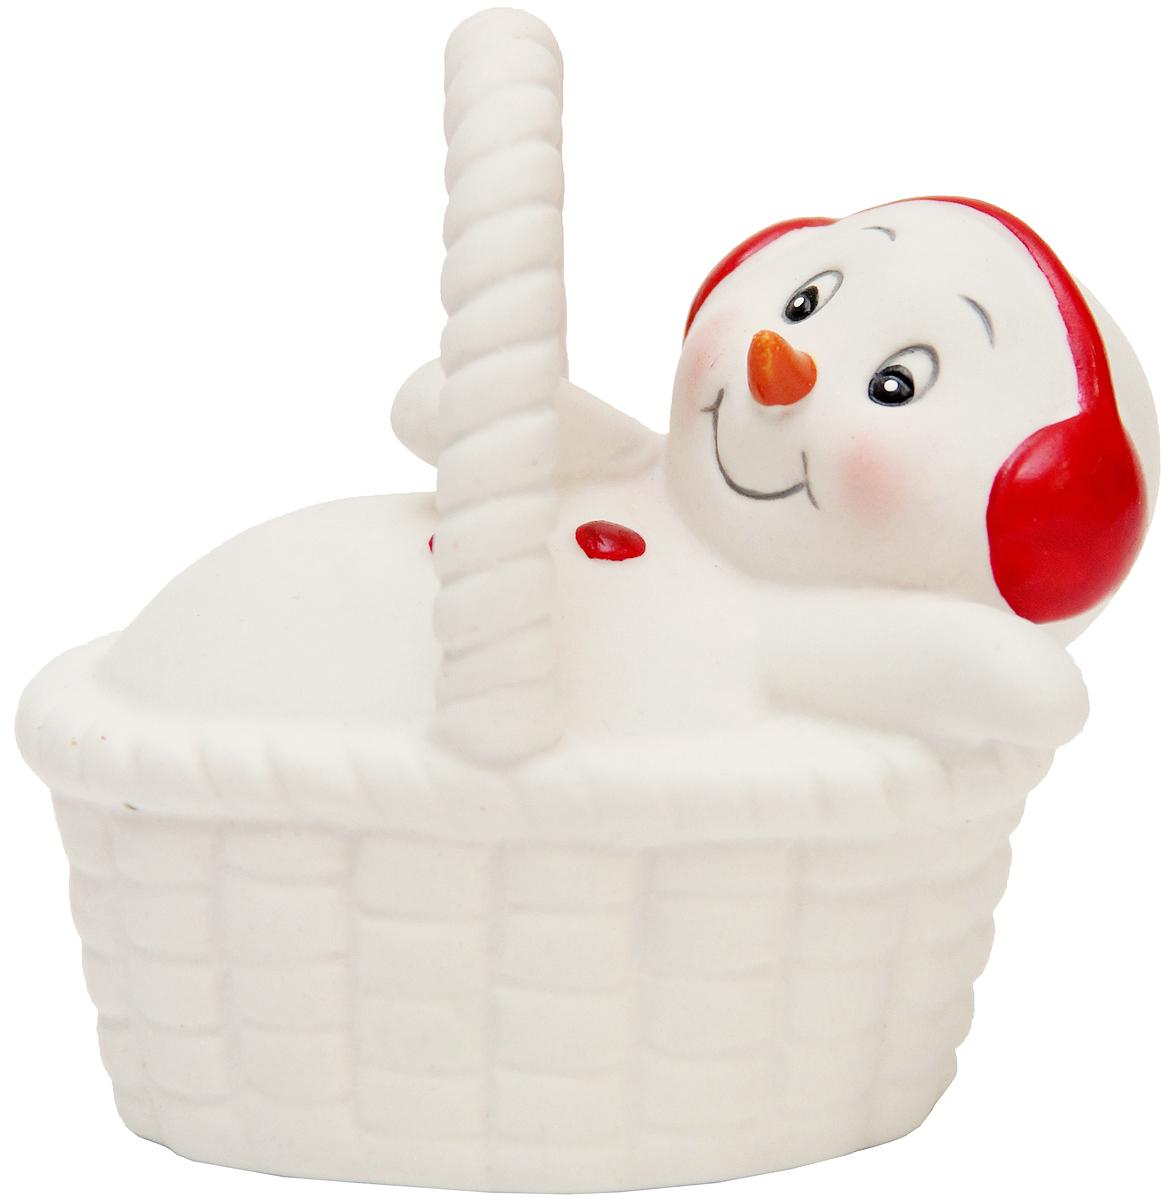 Фигурка новогодняя Magic Time Снеговик в корзине, высота 8 см фигурка новогодняя magic time снеговик и список подарков высота 8 см